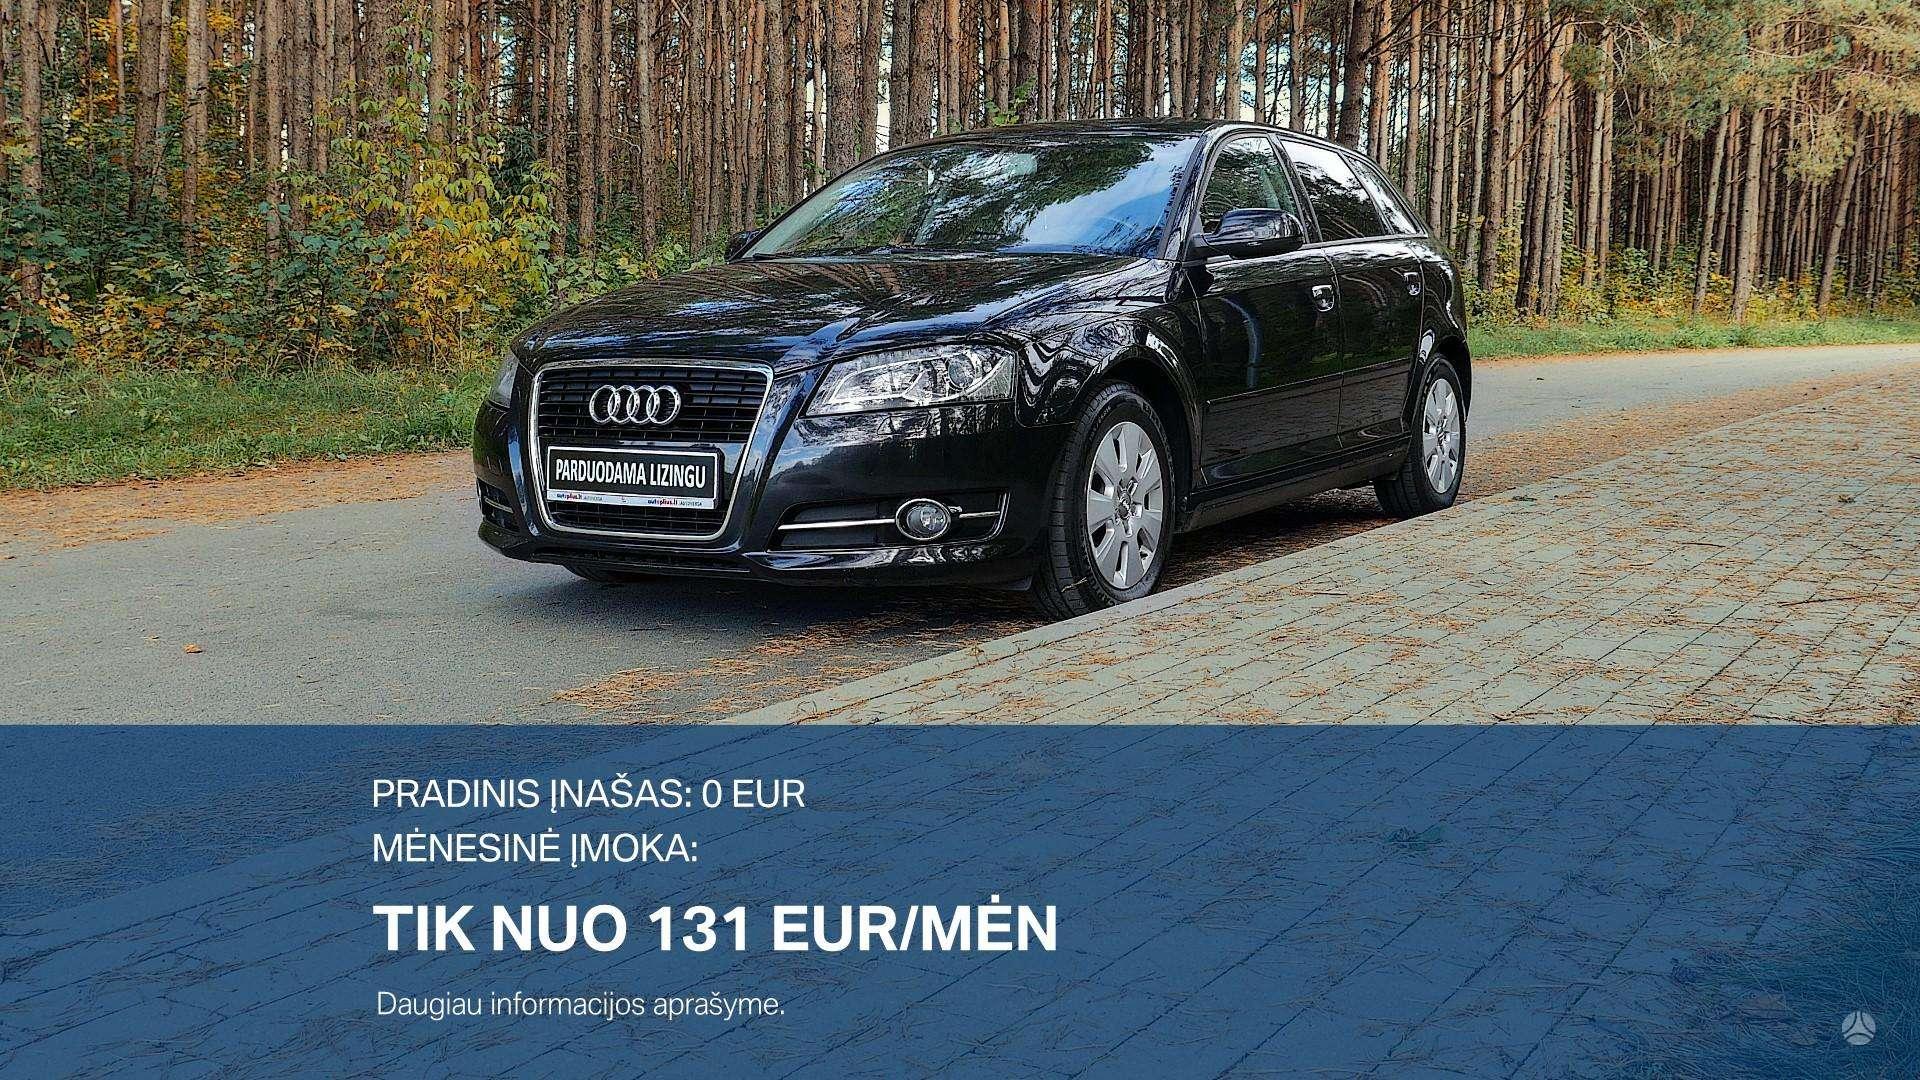 Audi A3 Išsimokėtinai nuo 131Eur/Mėn su 3 mėnesių garantija